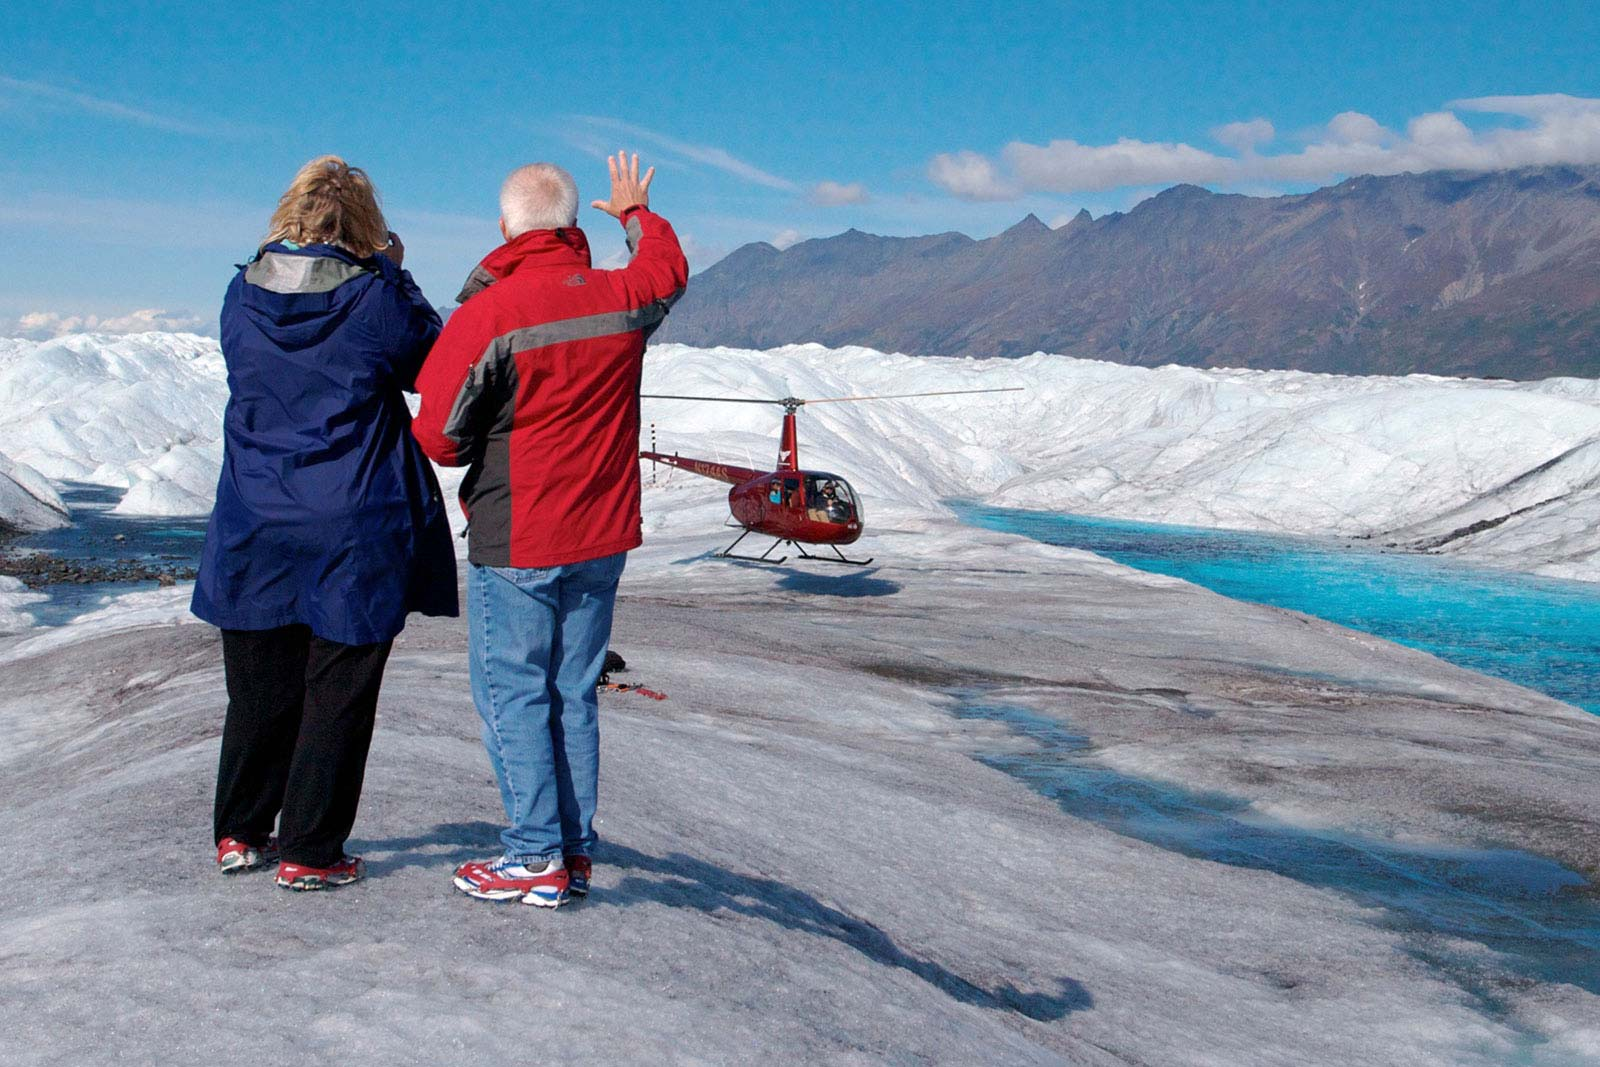 Alaska Glacier Heli Landing